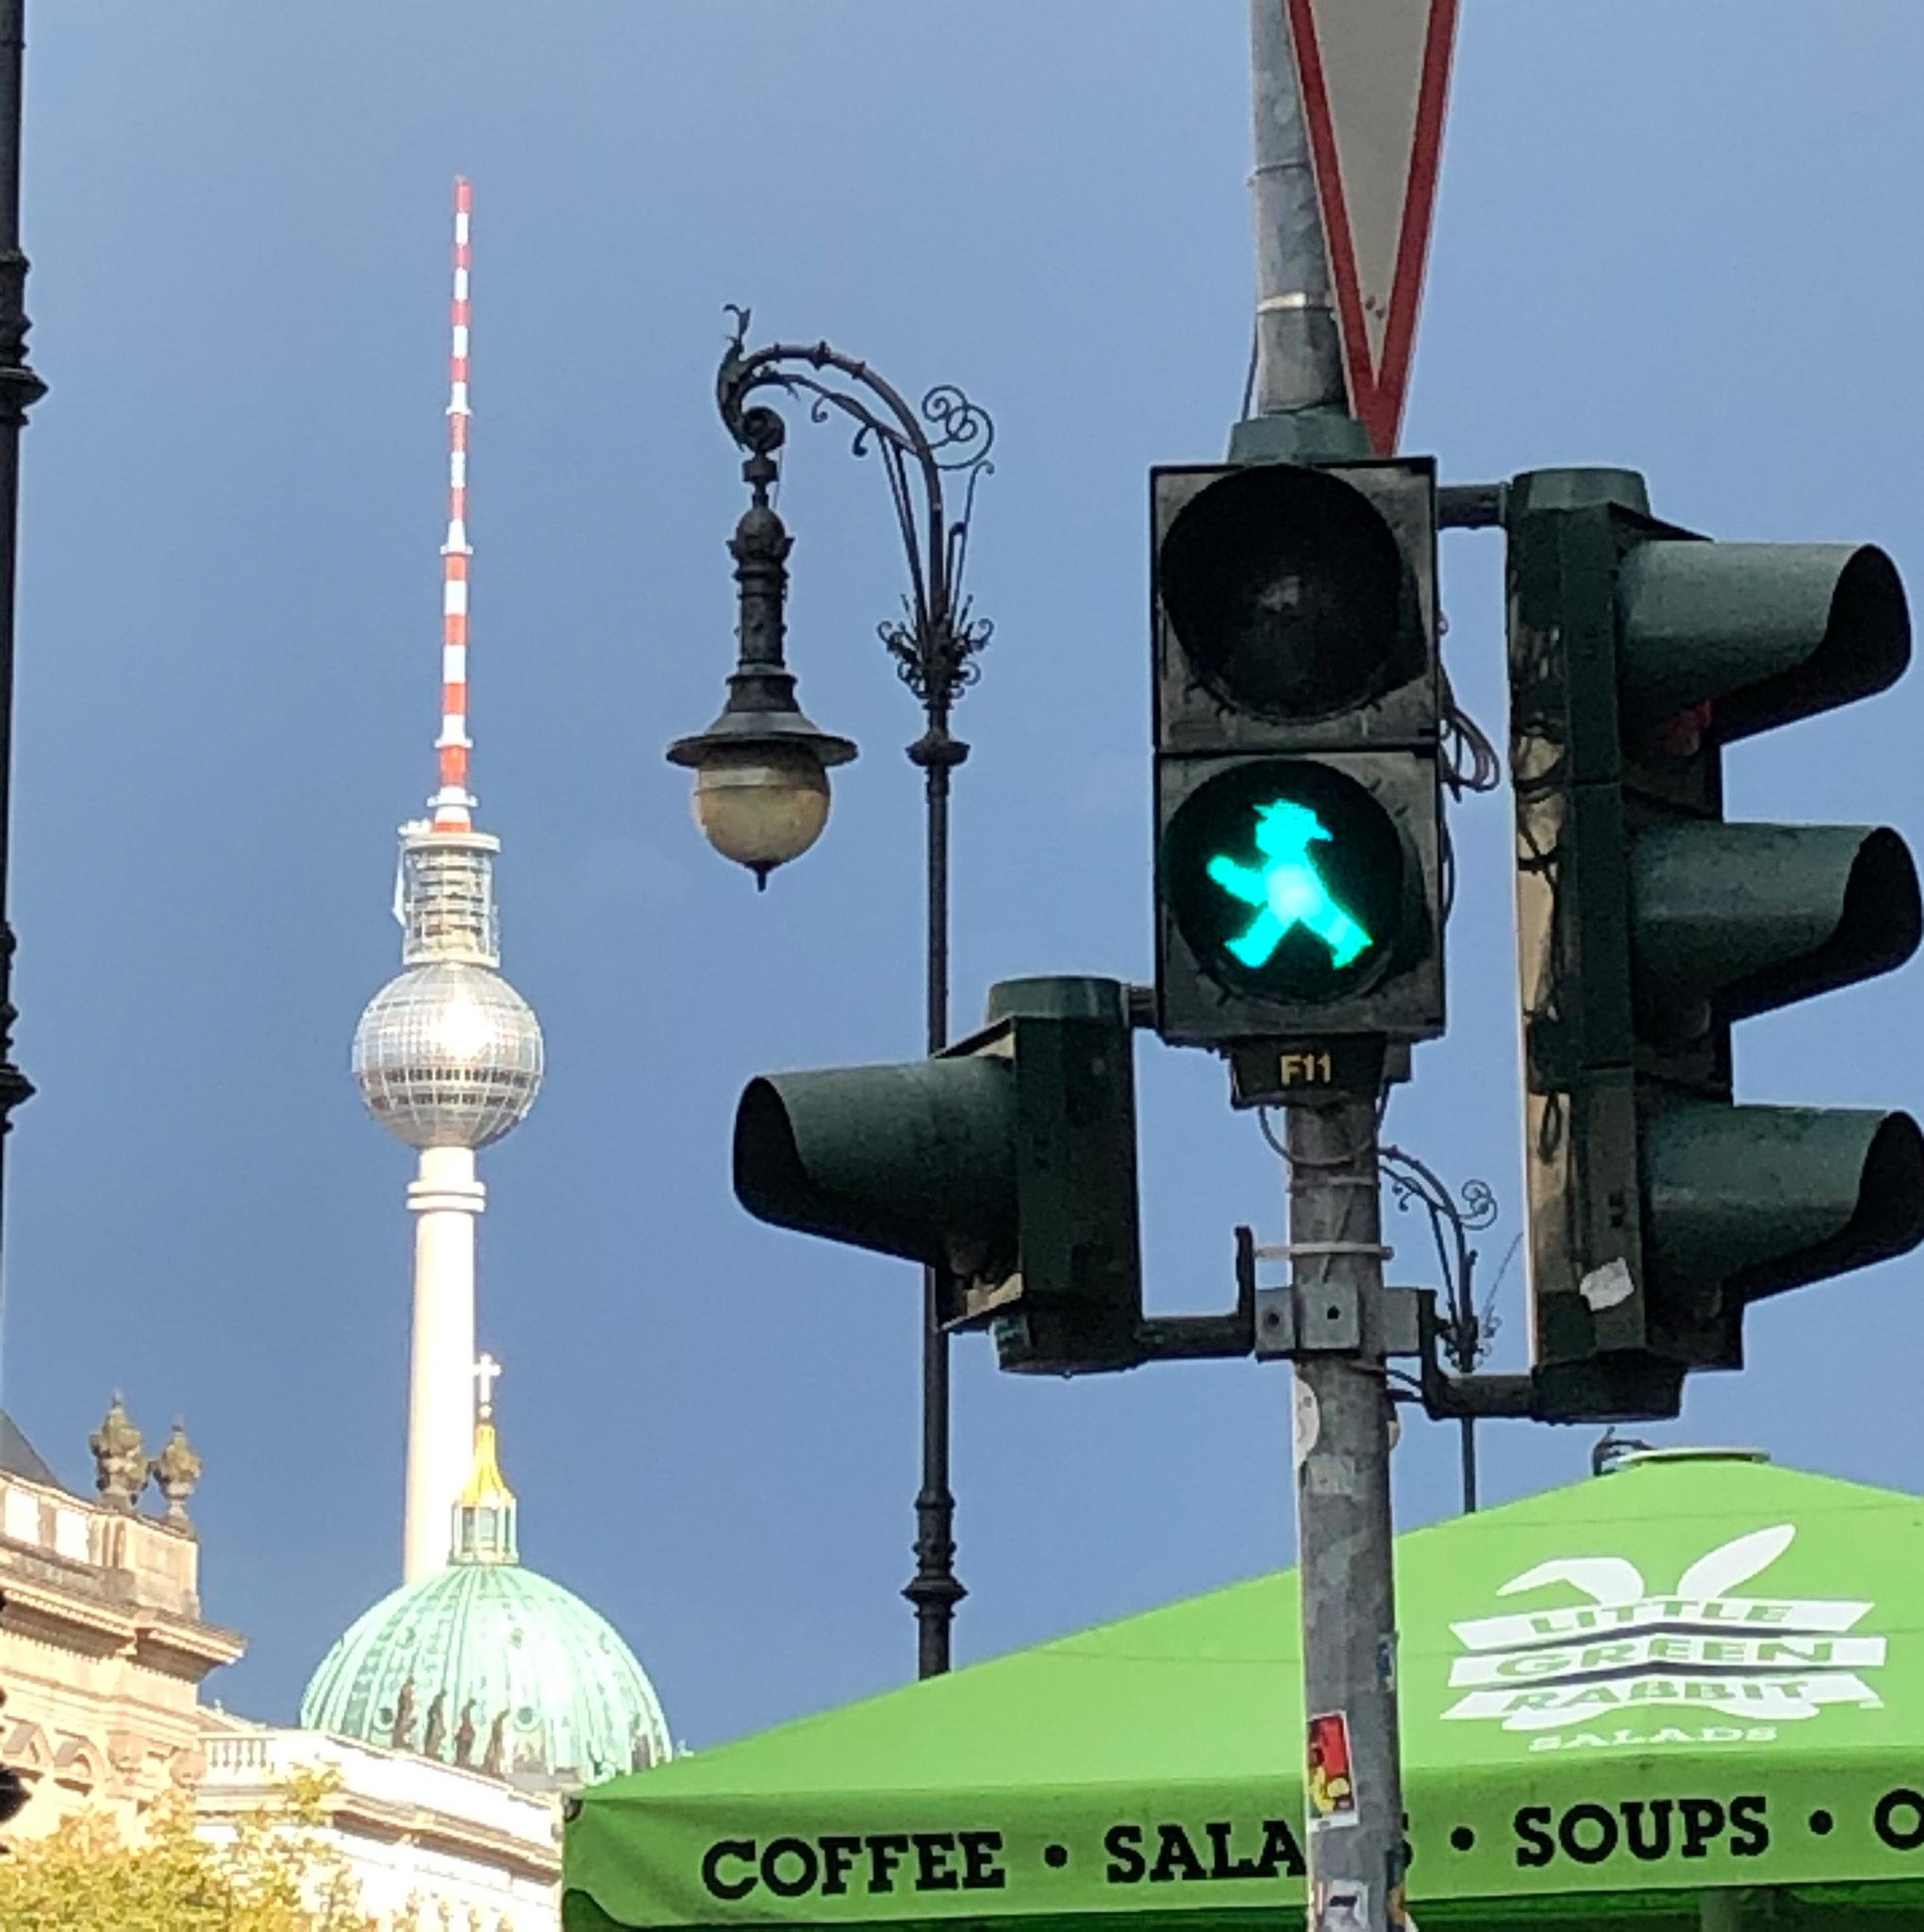 Correr el Maratón de Berlín - Berlin Marathon fotos photos - thewotme maratón de berlín - 49038567068 2a886f63be k - Correr el Maratón de Berlín: Análisis, recorrido, entrenamiento e inscripciones